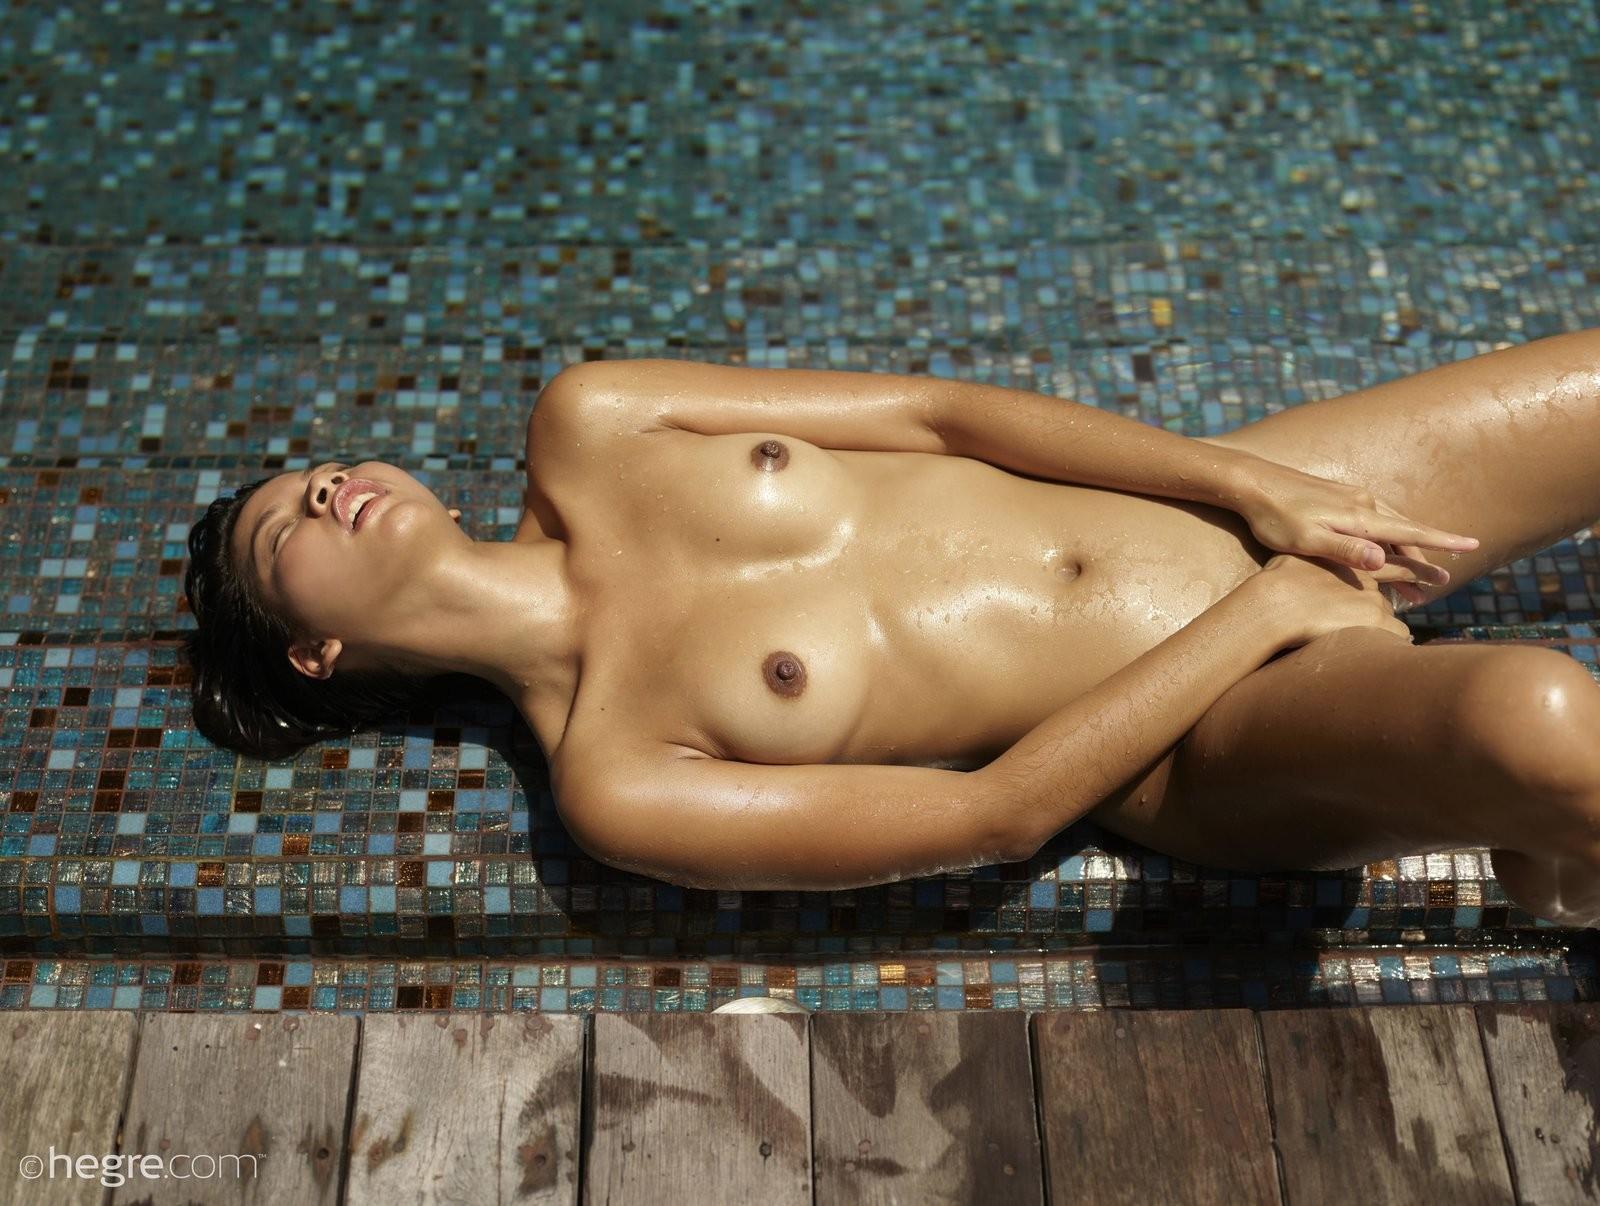 Обнаженная азиатка в бассейне - фото